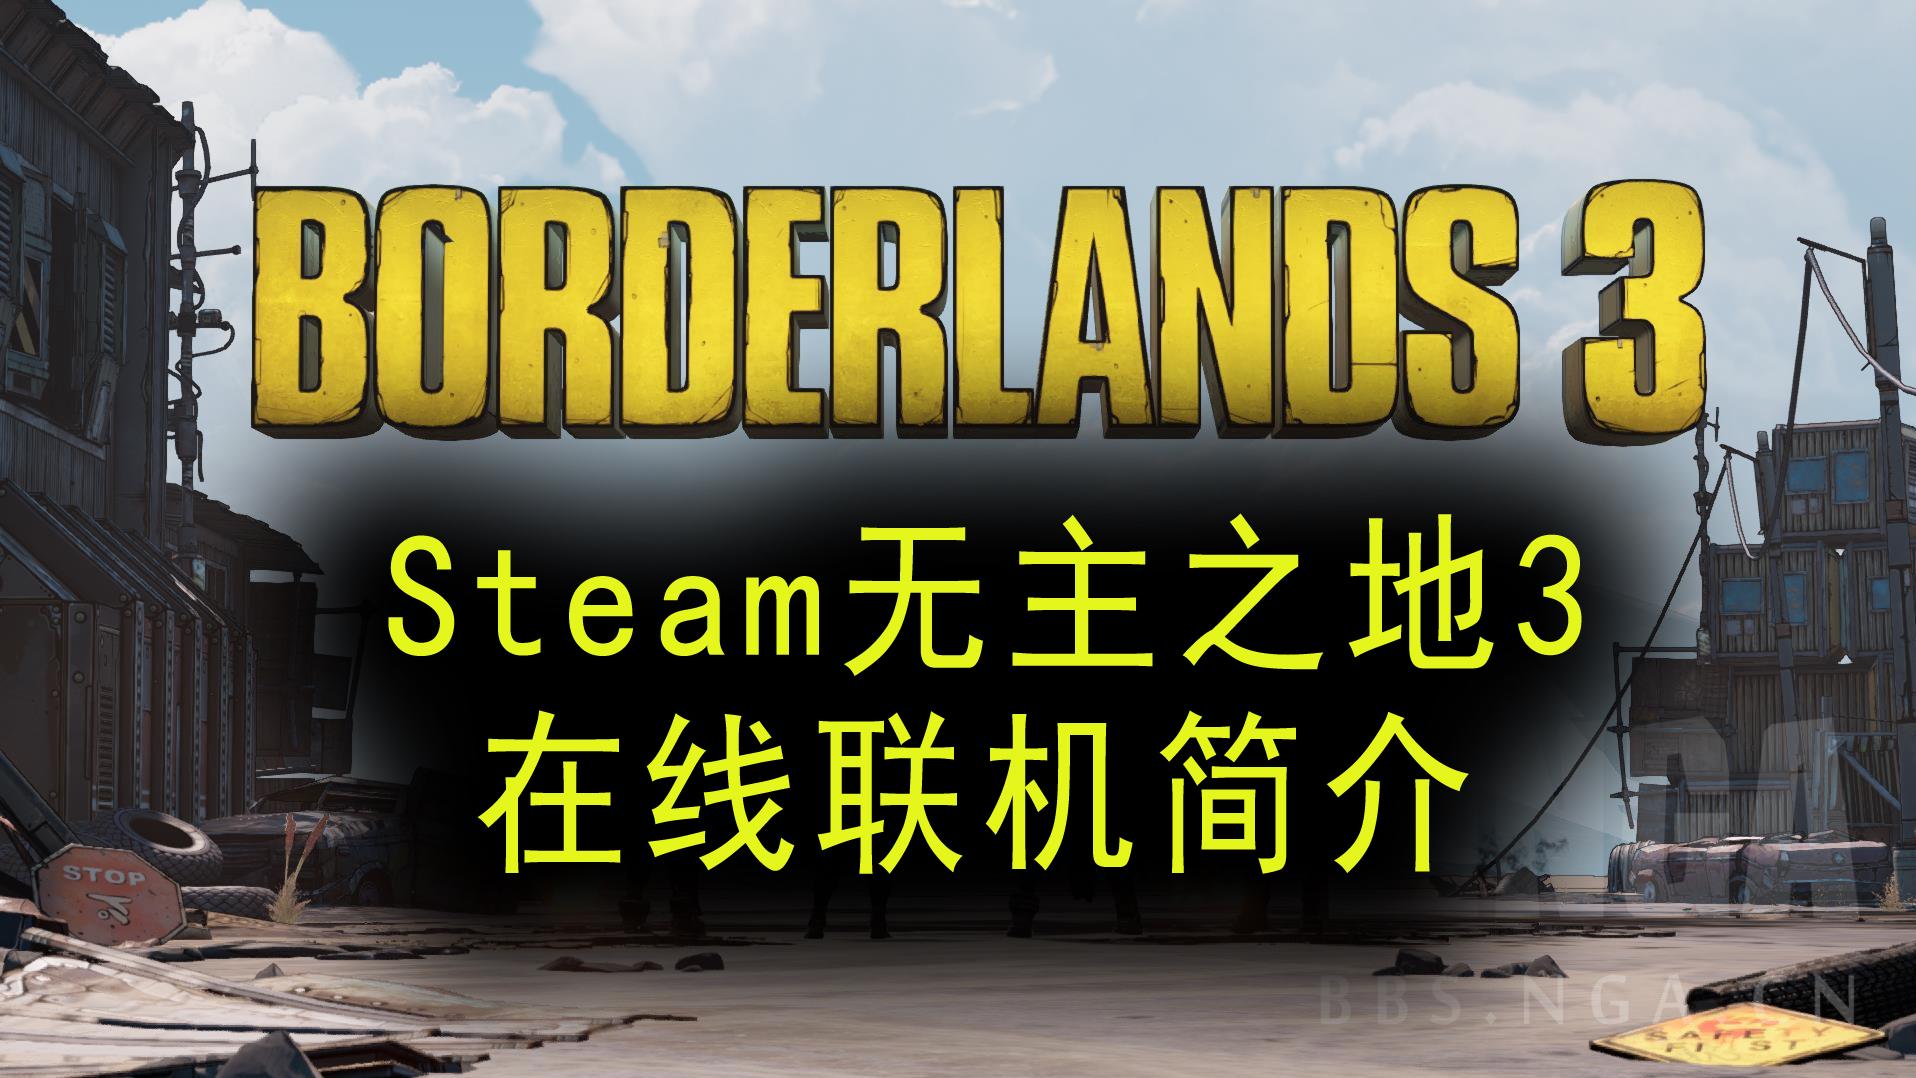 Steam正版 无主之地3 线上联机模式说明简介